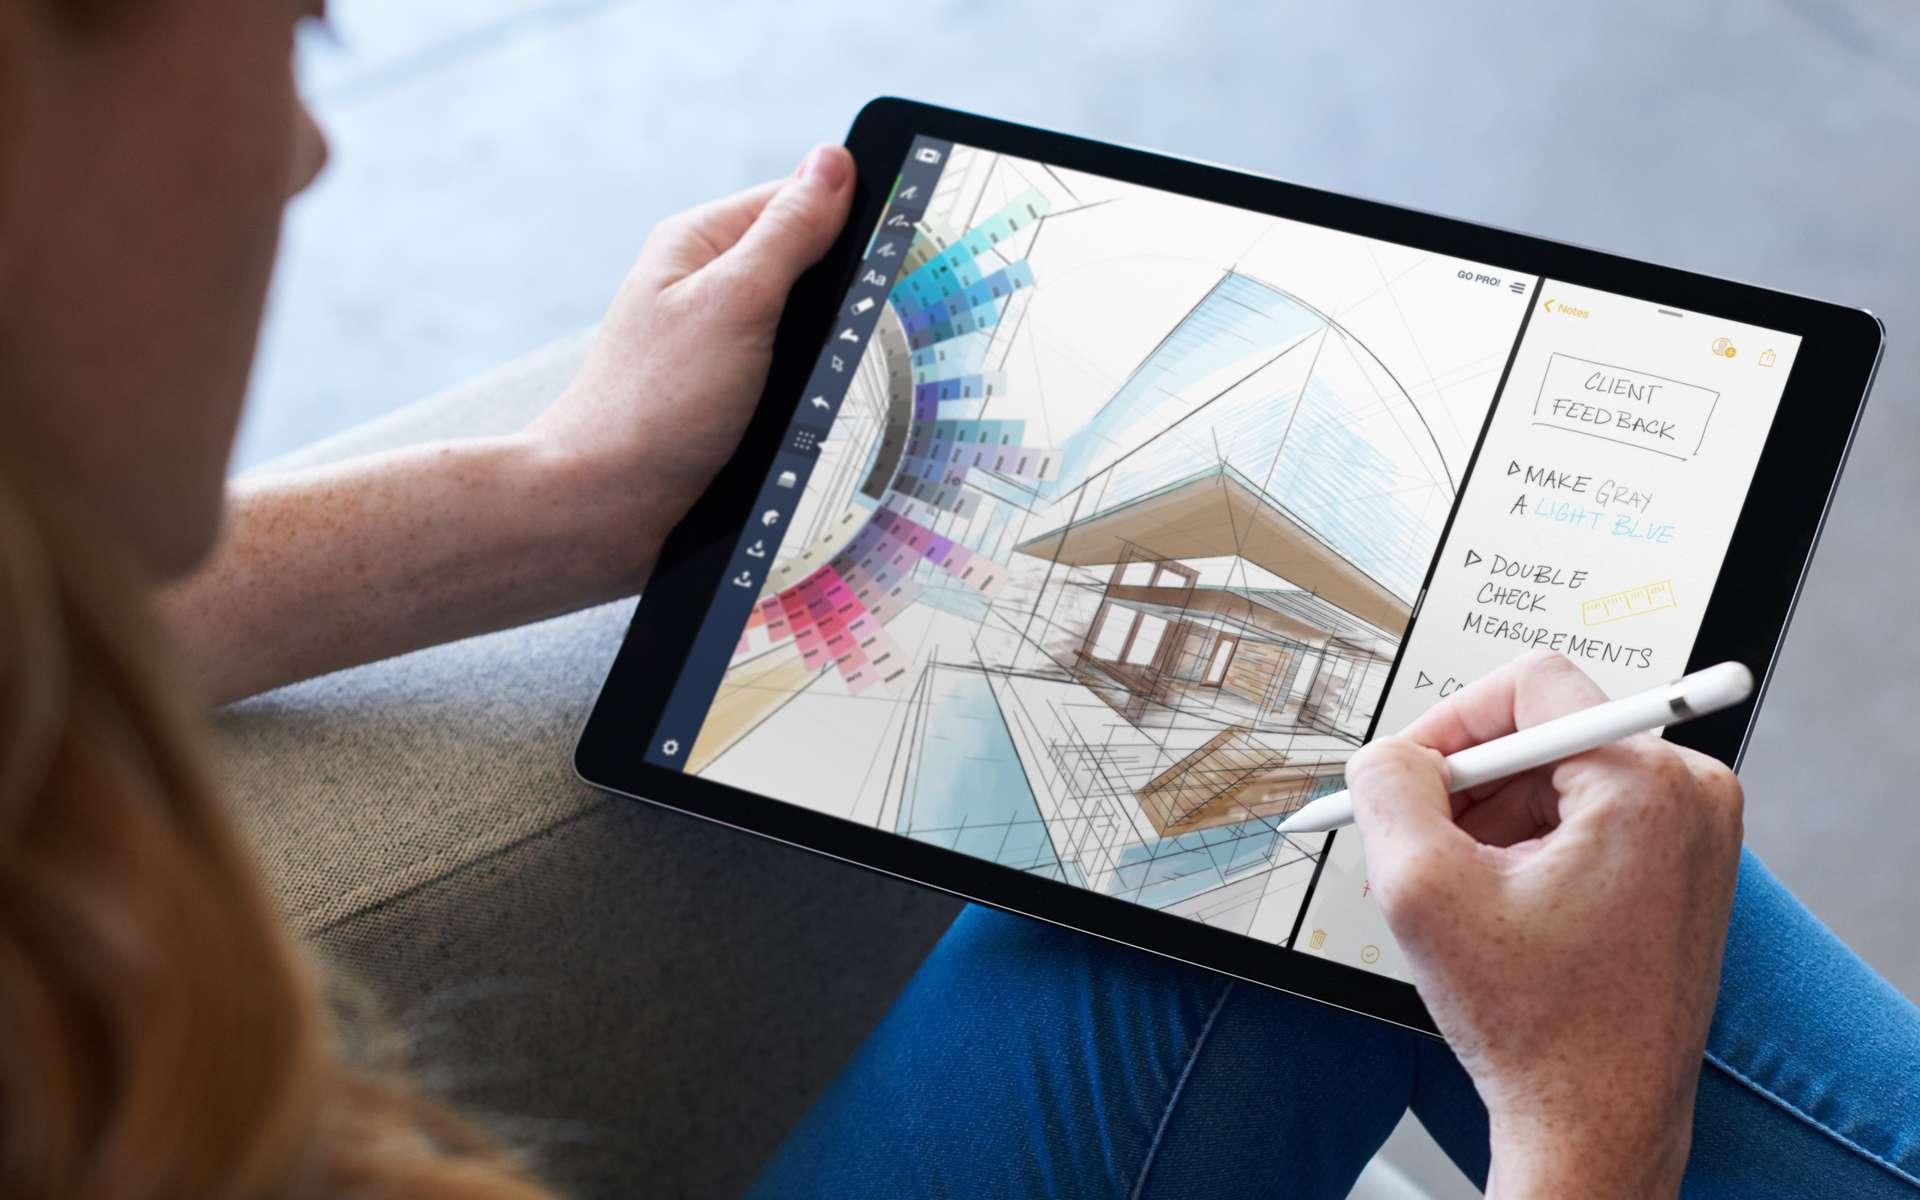 La tablette a su trouver sa place dans l'informatique, sans pour autant rivaliser avec un ordinateur portable. © Apple